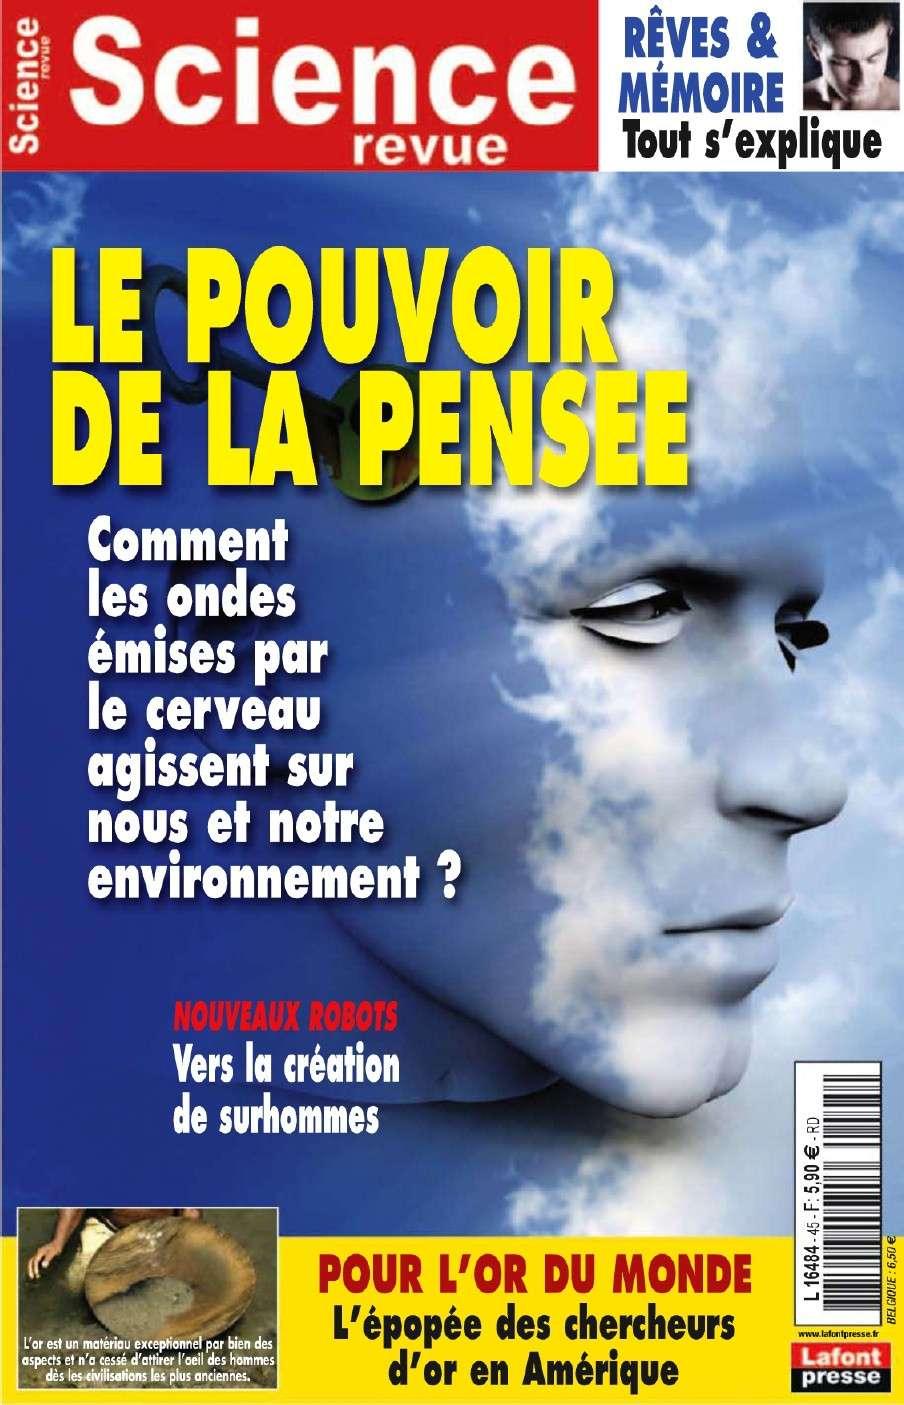 Science Revue 45 - Le pouvoir de la pensee